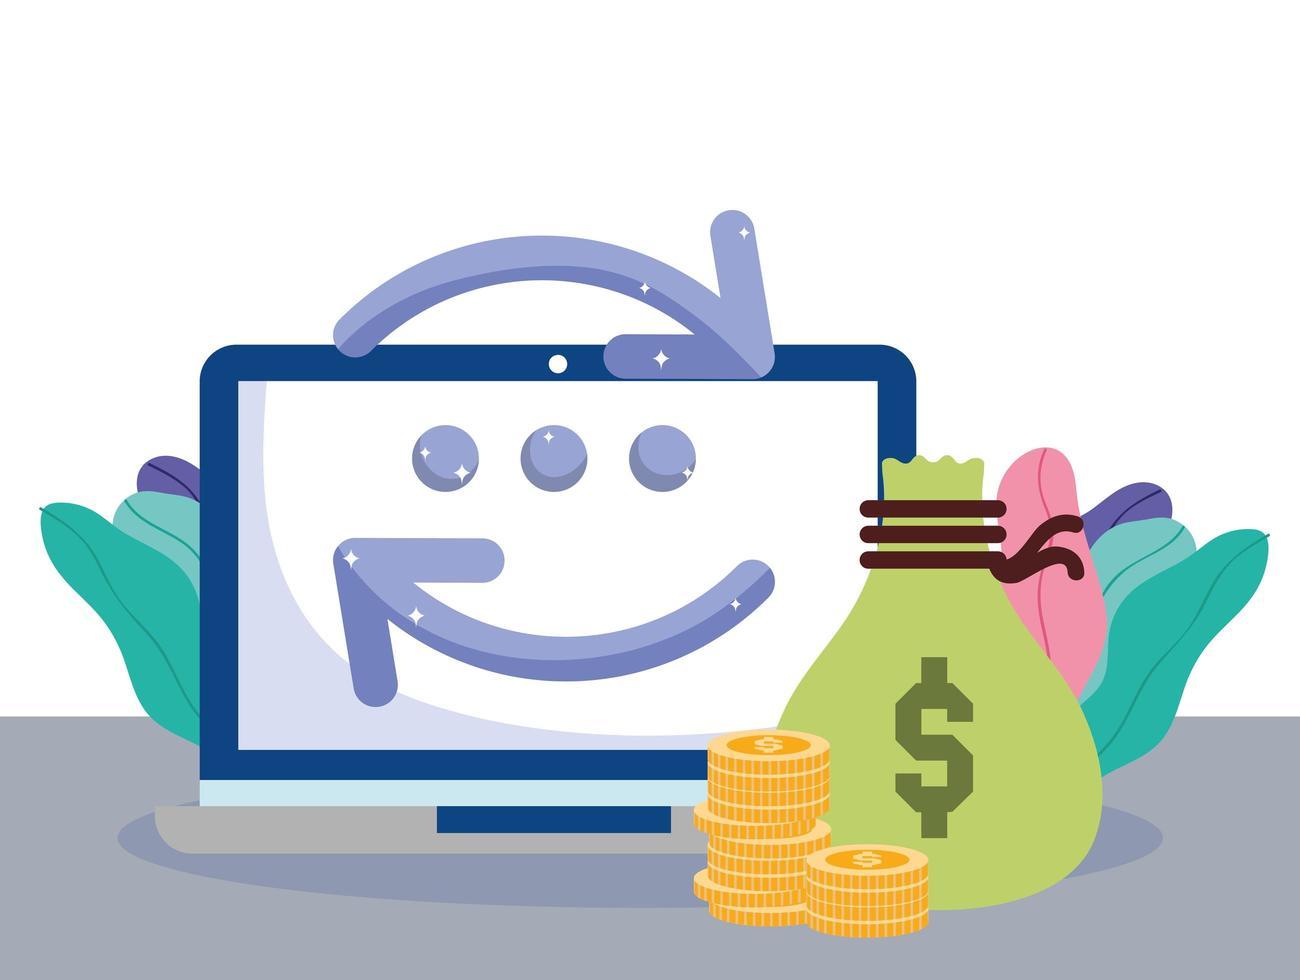 composición de transferencia de dinero online vector